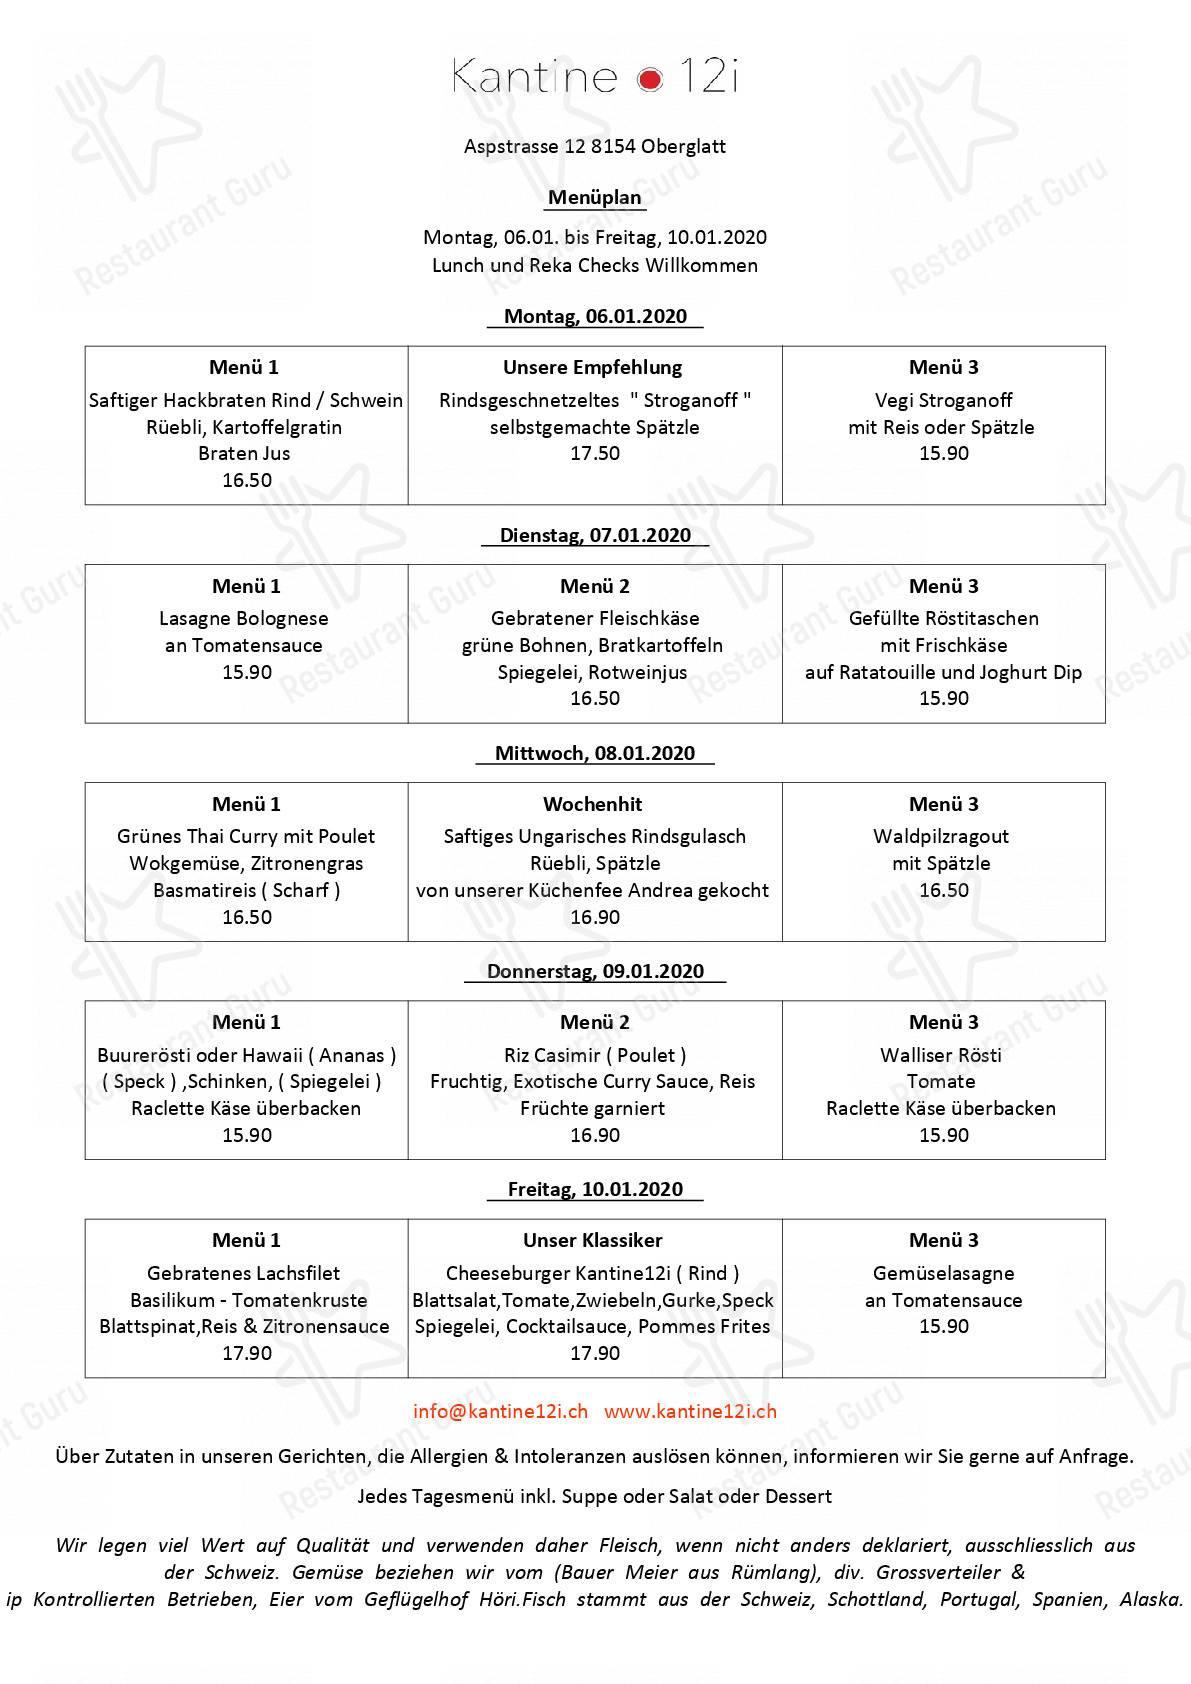 Kantine12i Speisekarte - Gerichte und Getränke